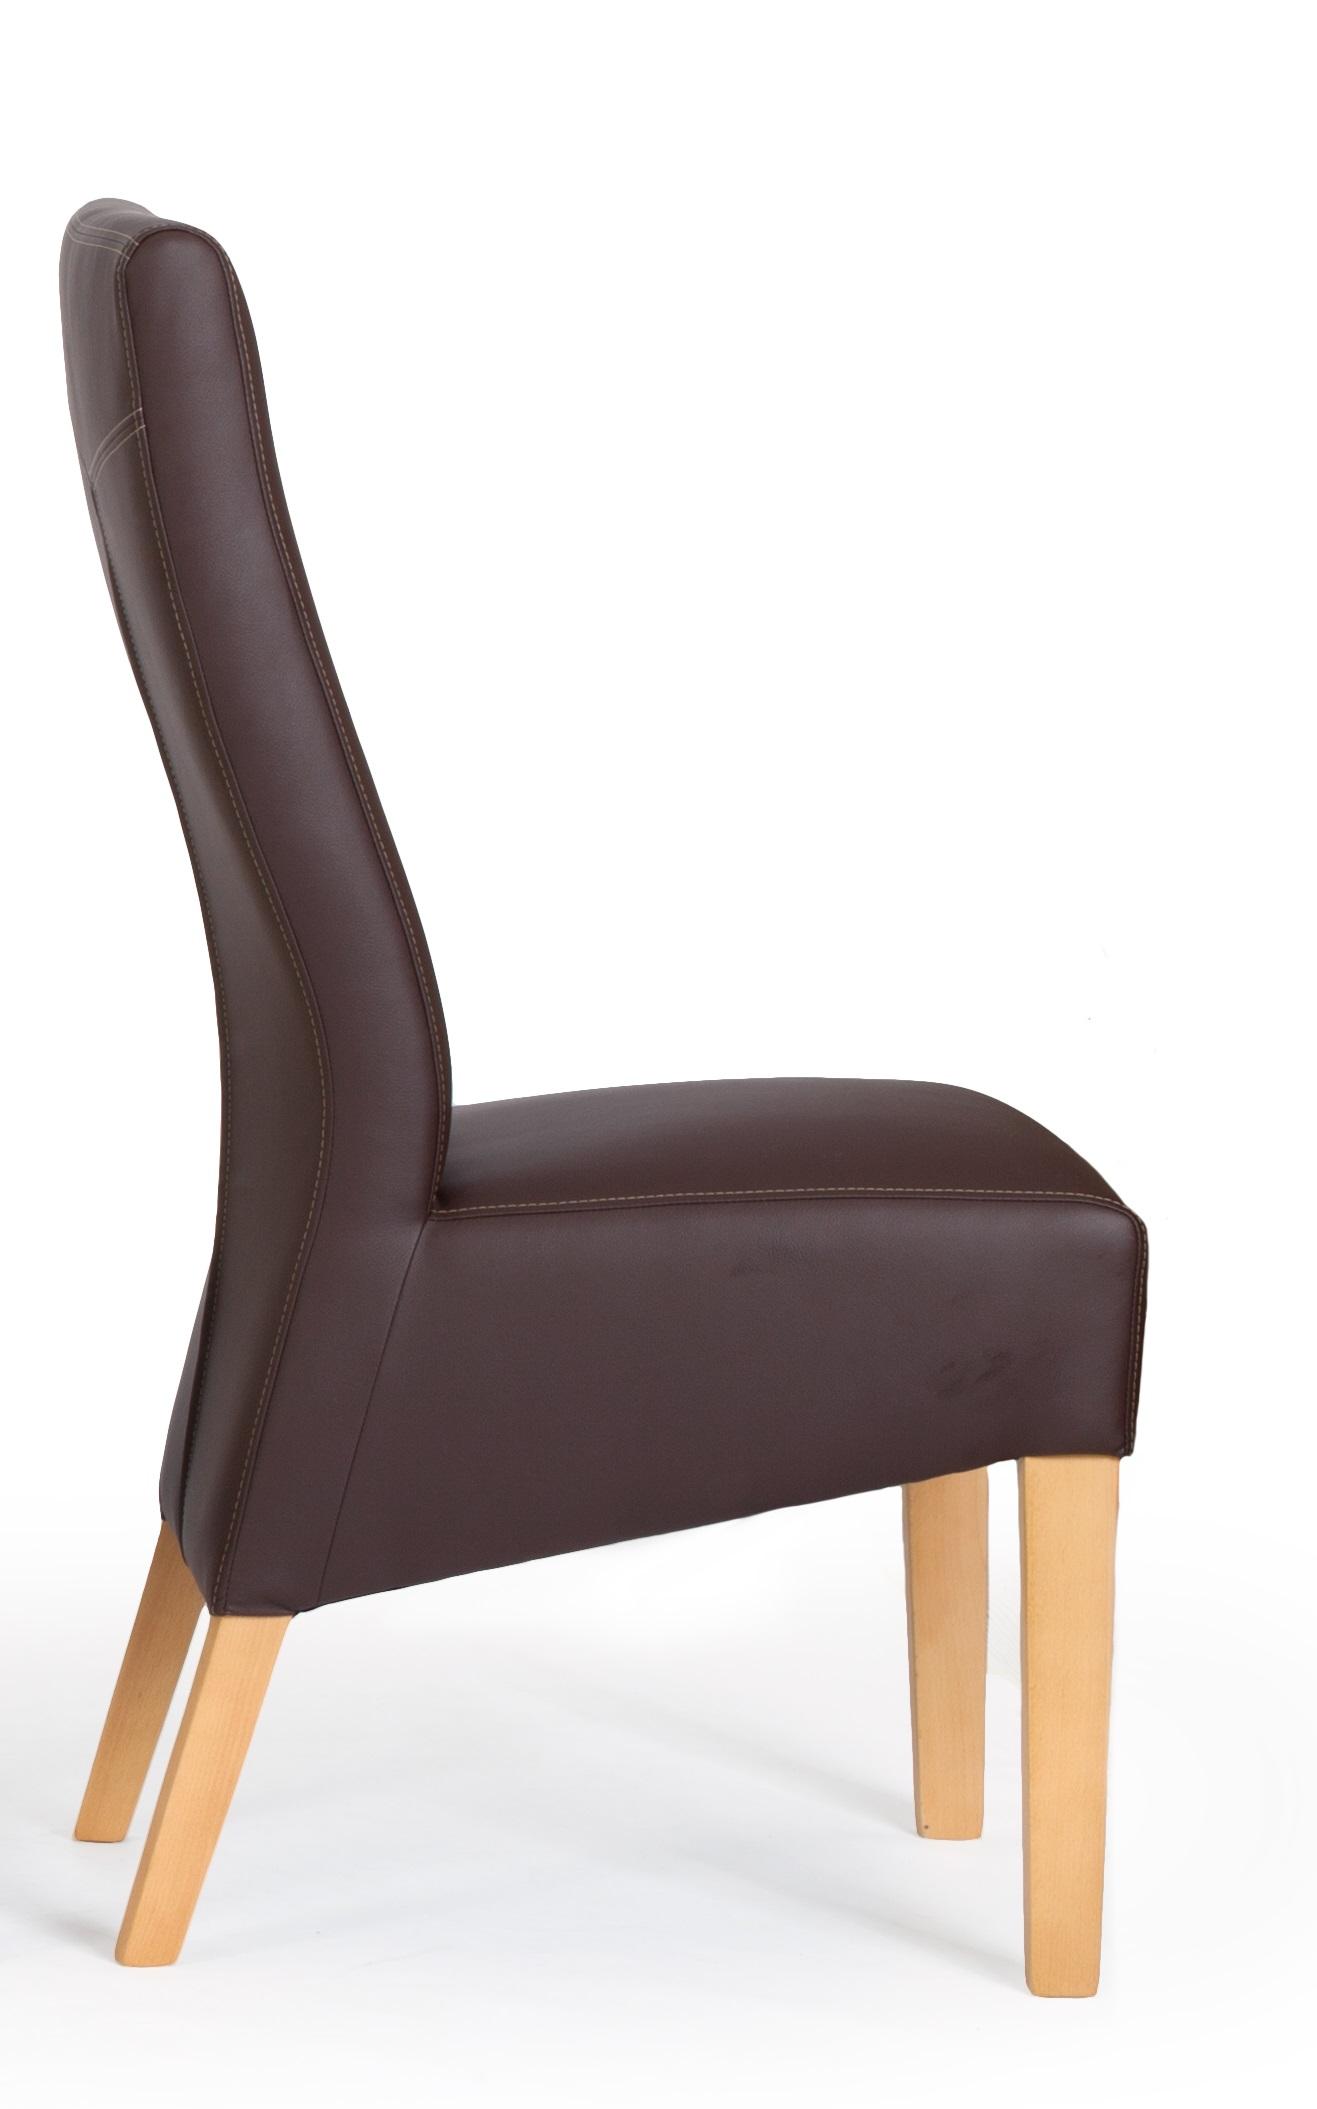 aktiv stuhl sessel kunstleder nina ii braun d207 holzf e massiv buche lack modern. Black Bedroom Furniture Sets. Home Design Ideas